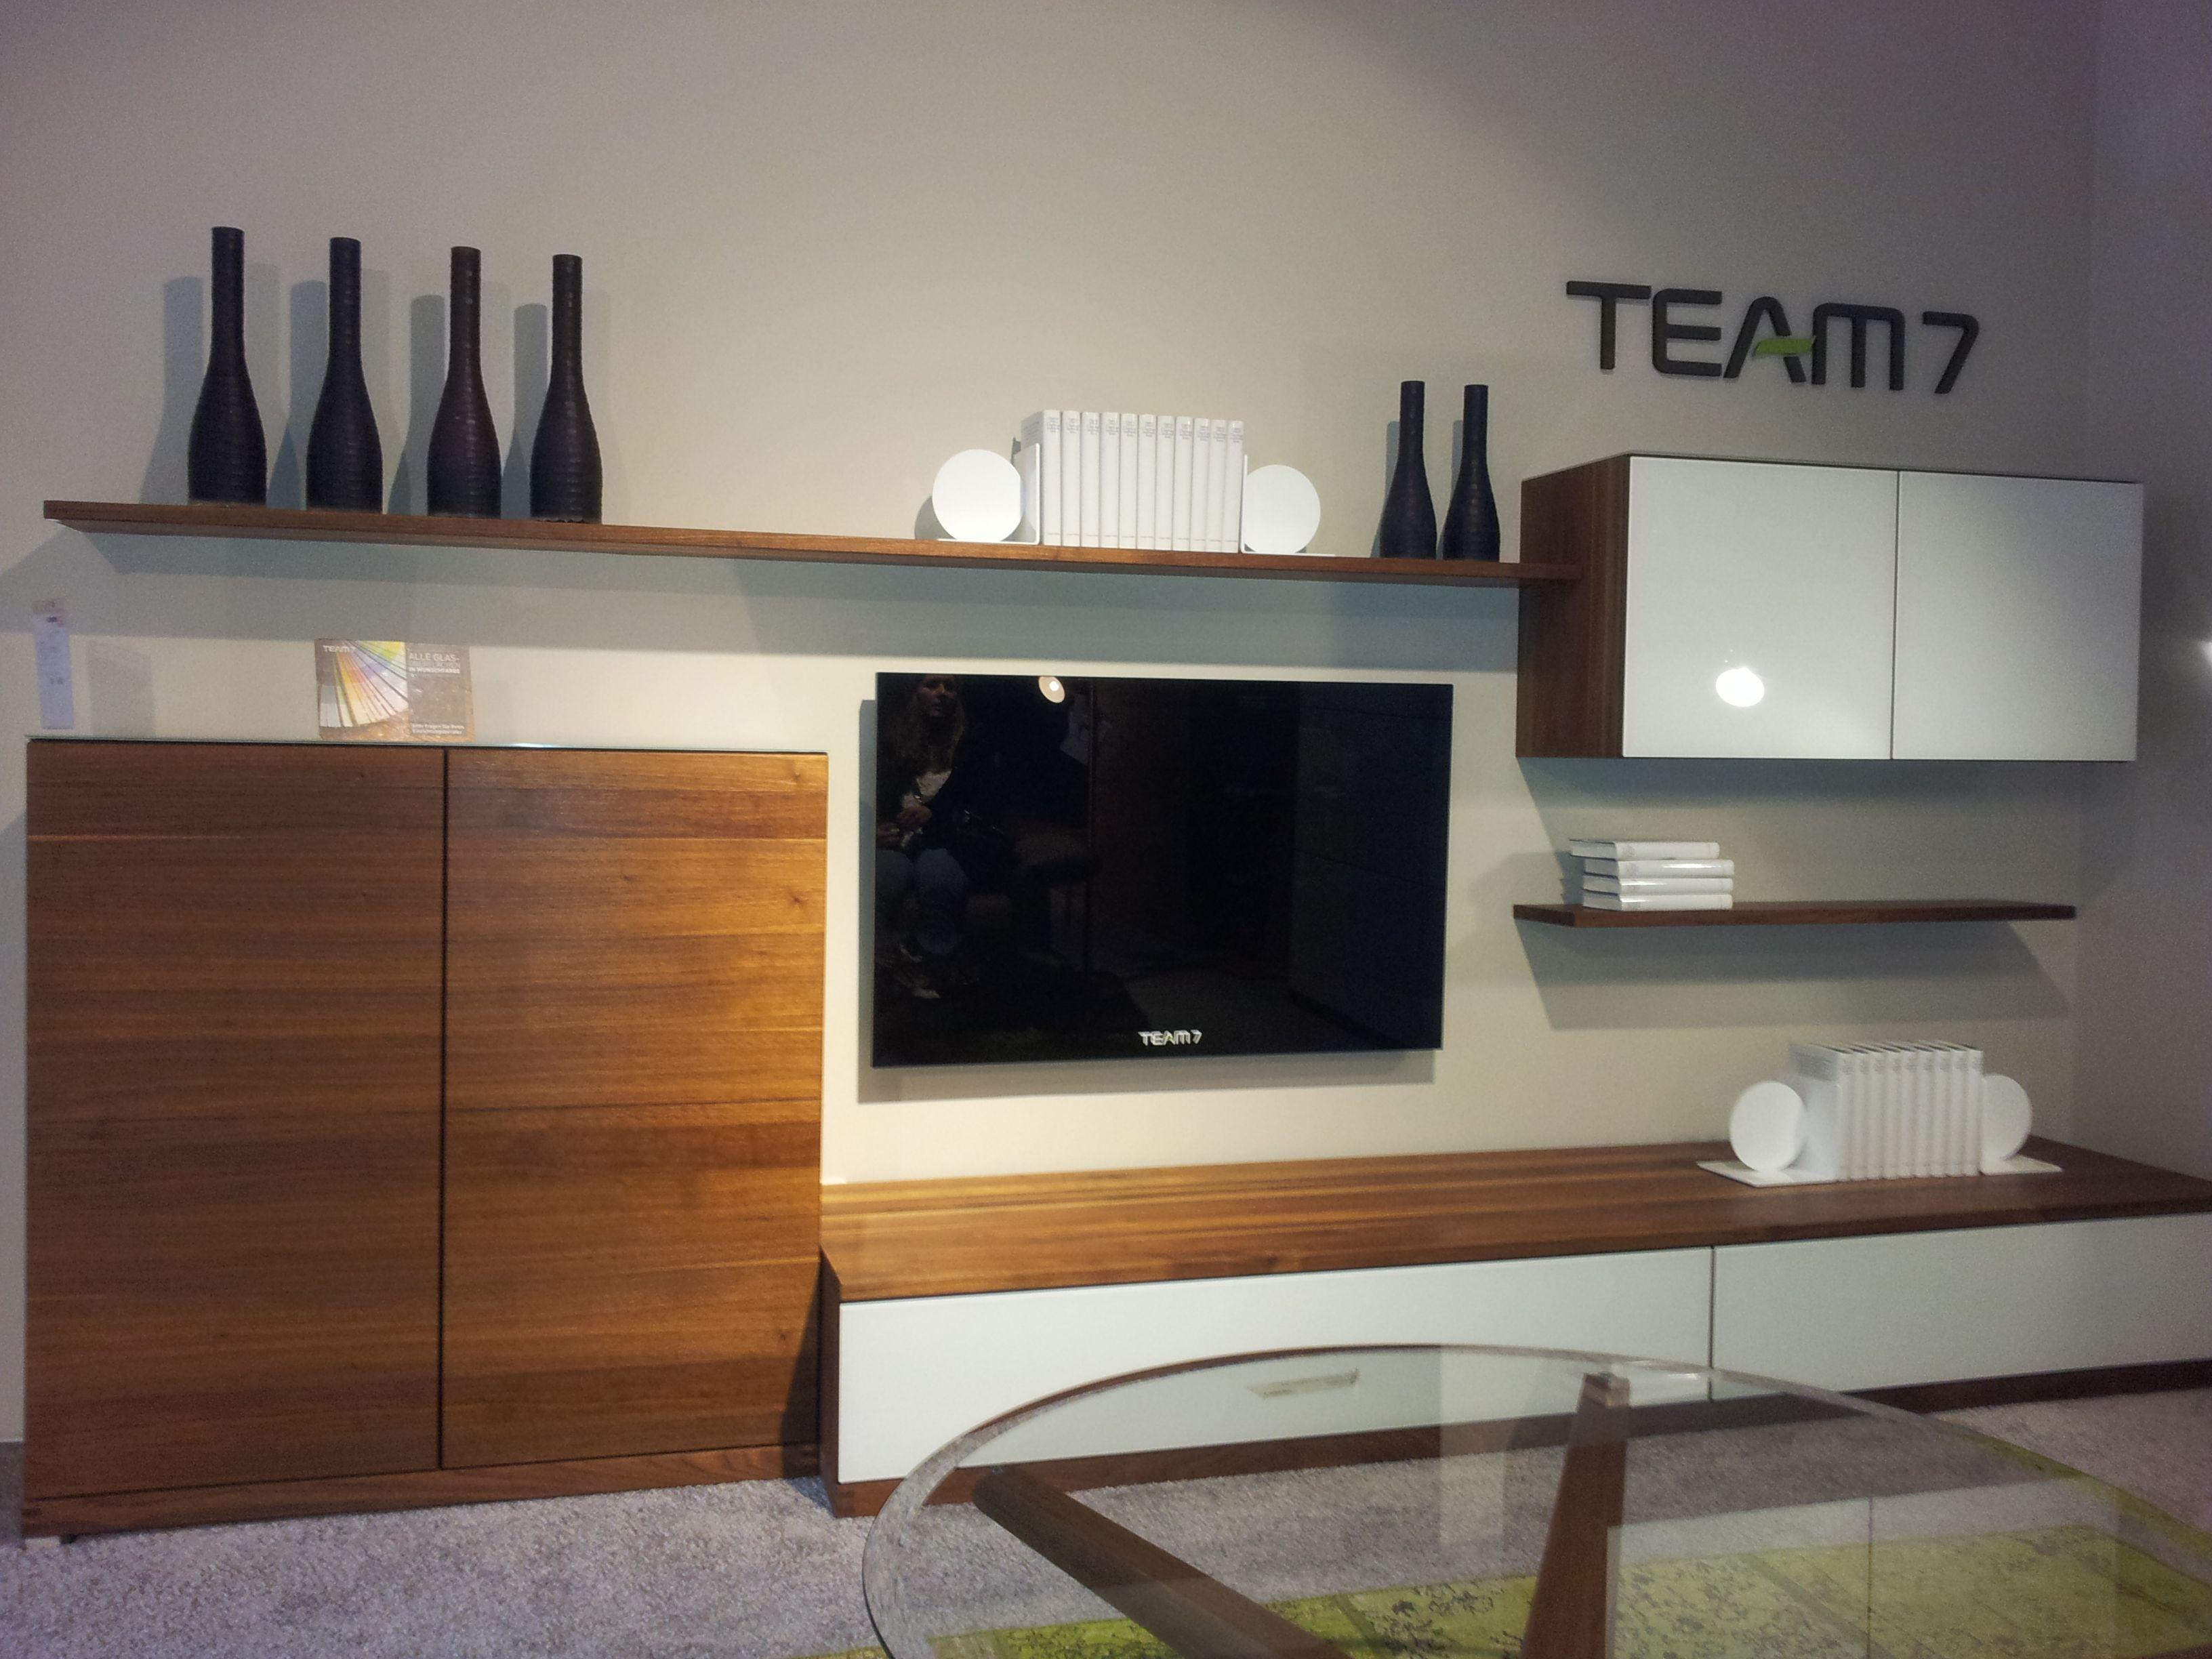 Großer Wohnzimmerschrank ~ Wohnwand team 7 schöne möbel pinterest interiors